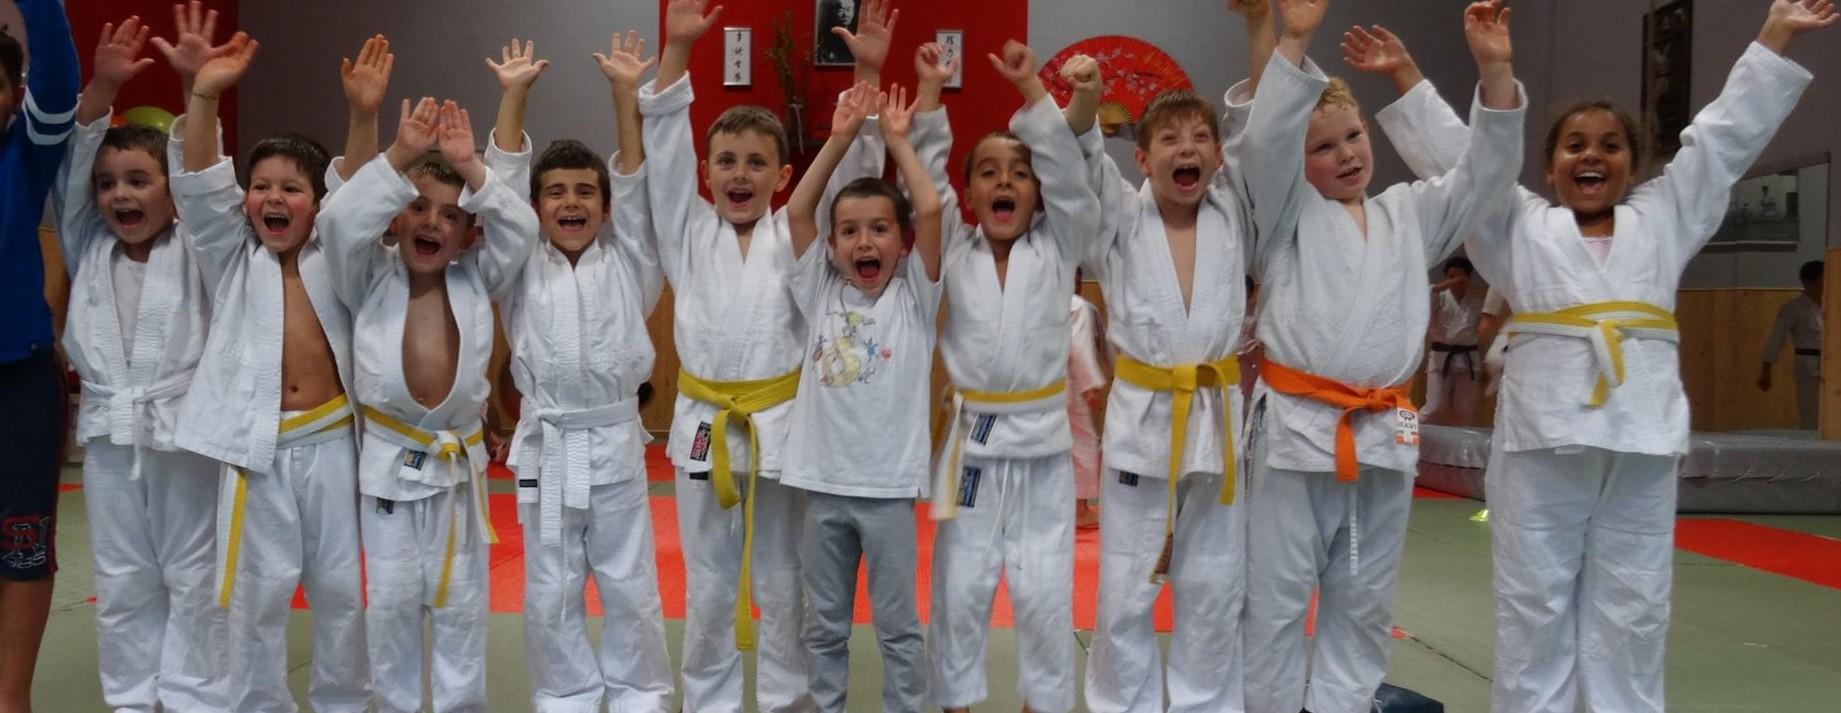 bimbi-2-judo-reggio-e1432797680104